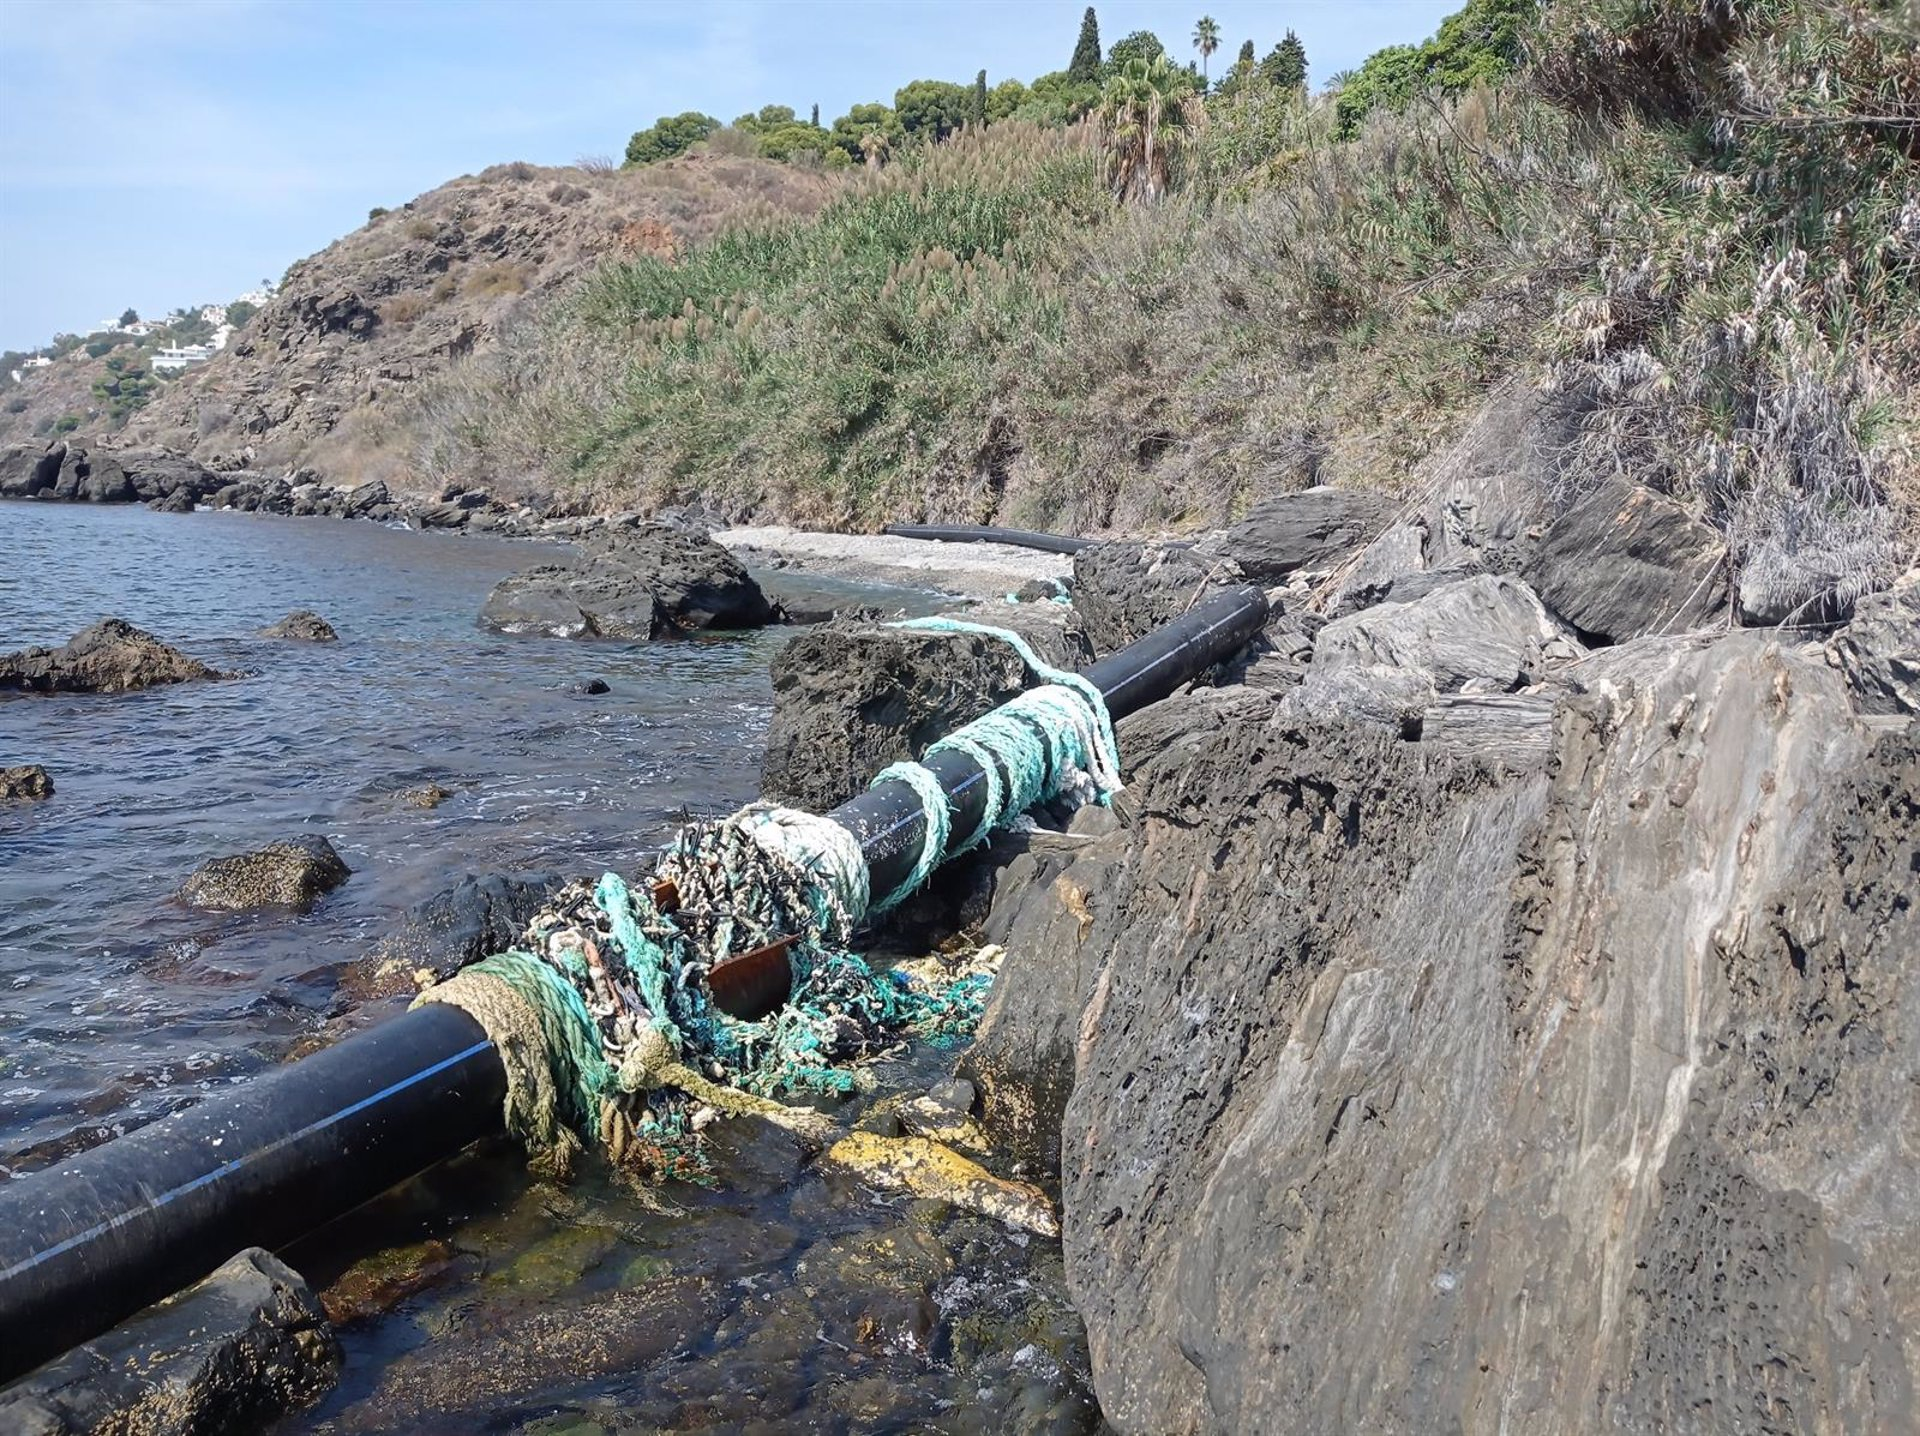 Ecologistas denuncian la presencia de tubos de plástico y cables en Salobreña